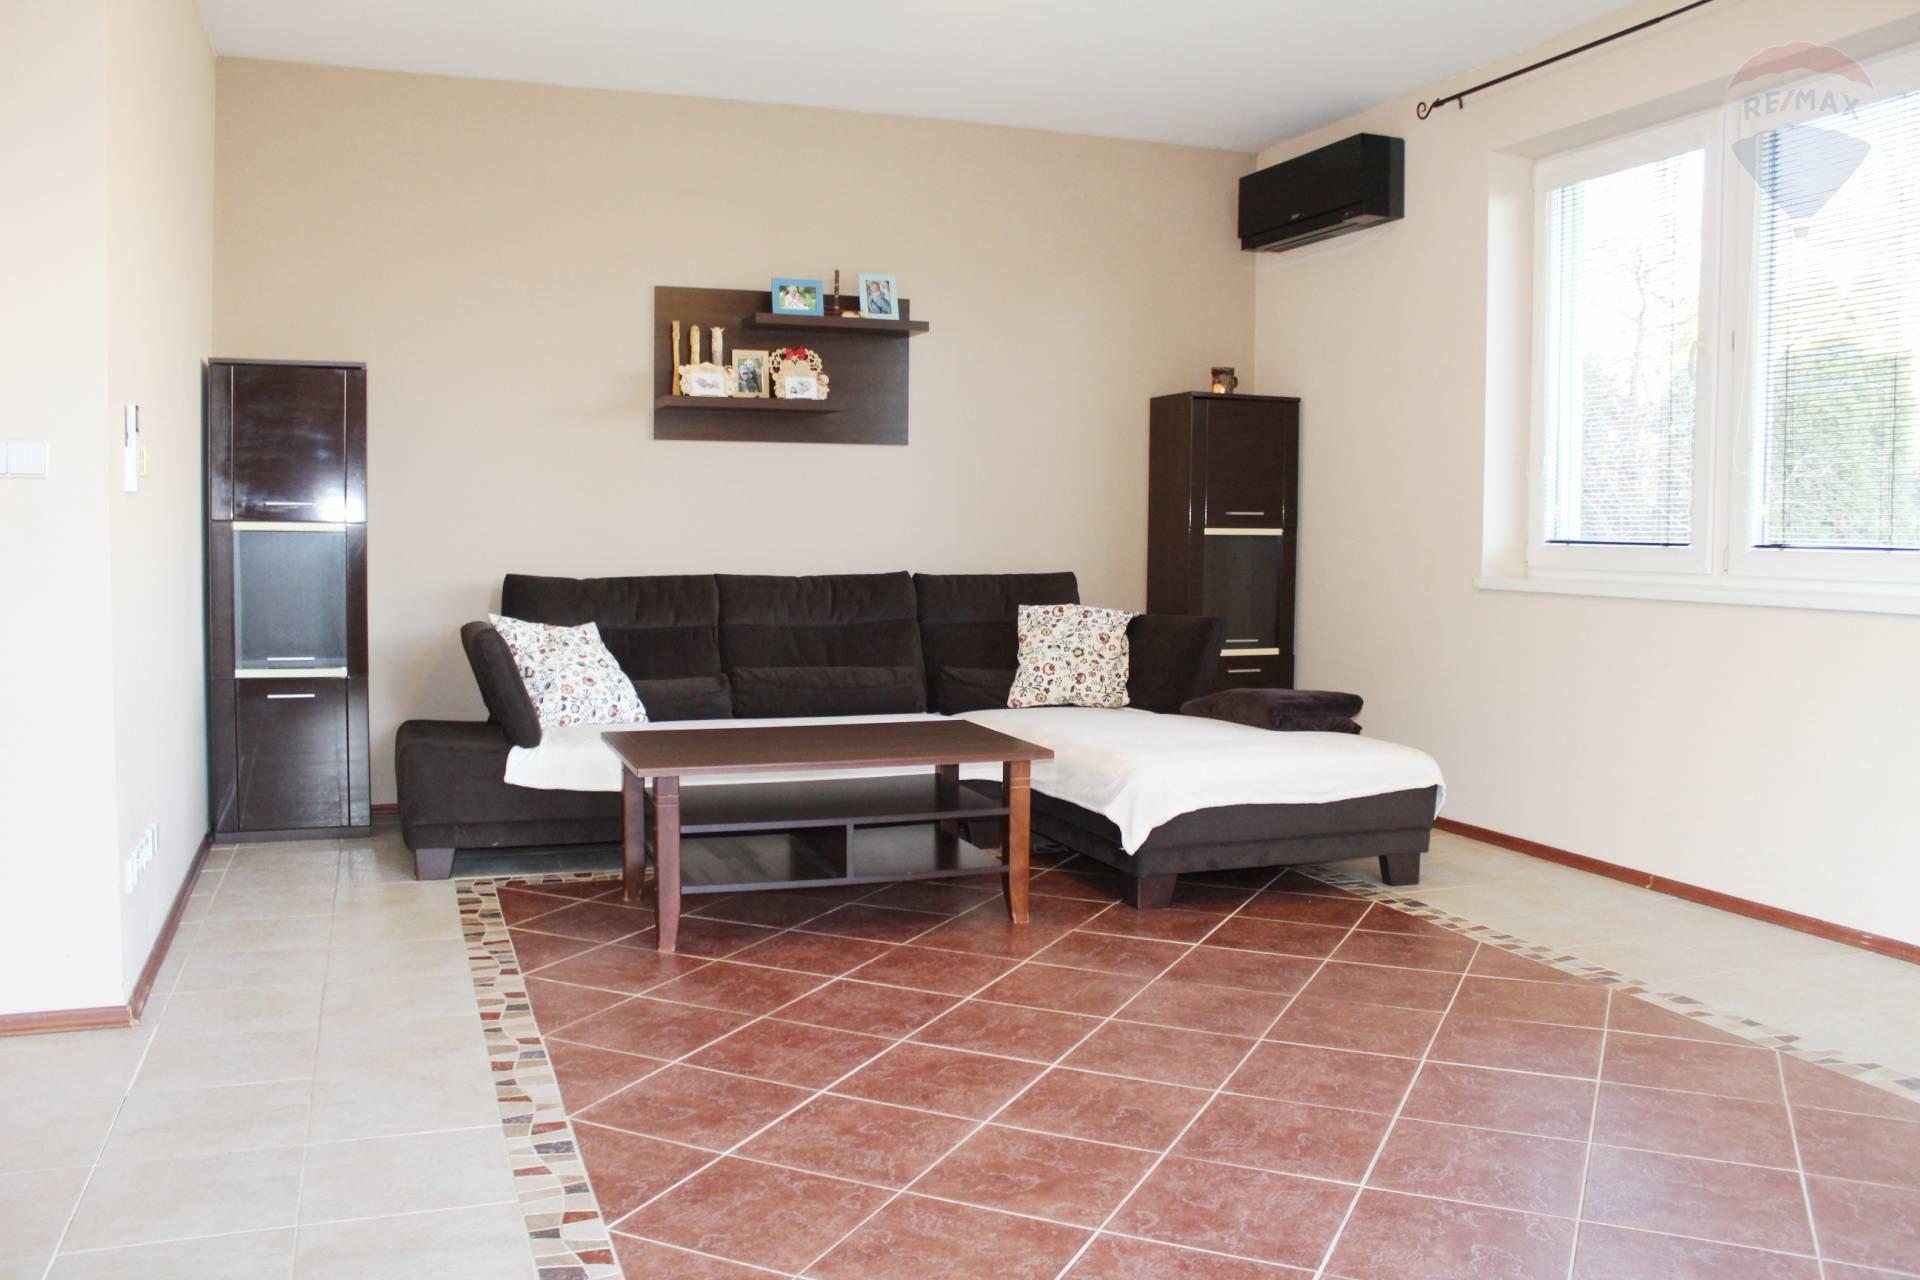 Predaj domu 211 m2, Bratislava - Nové Mesto -